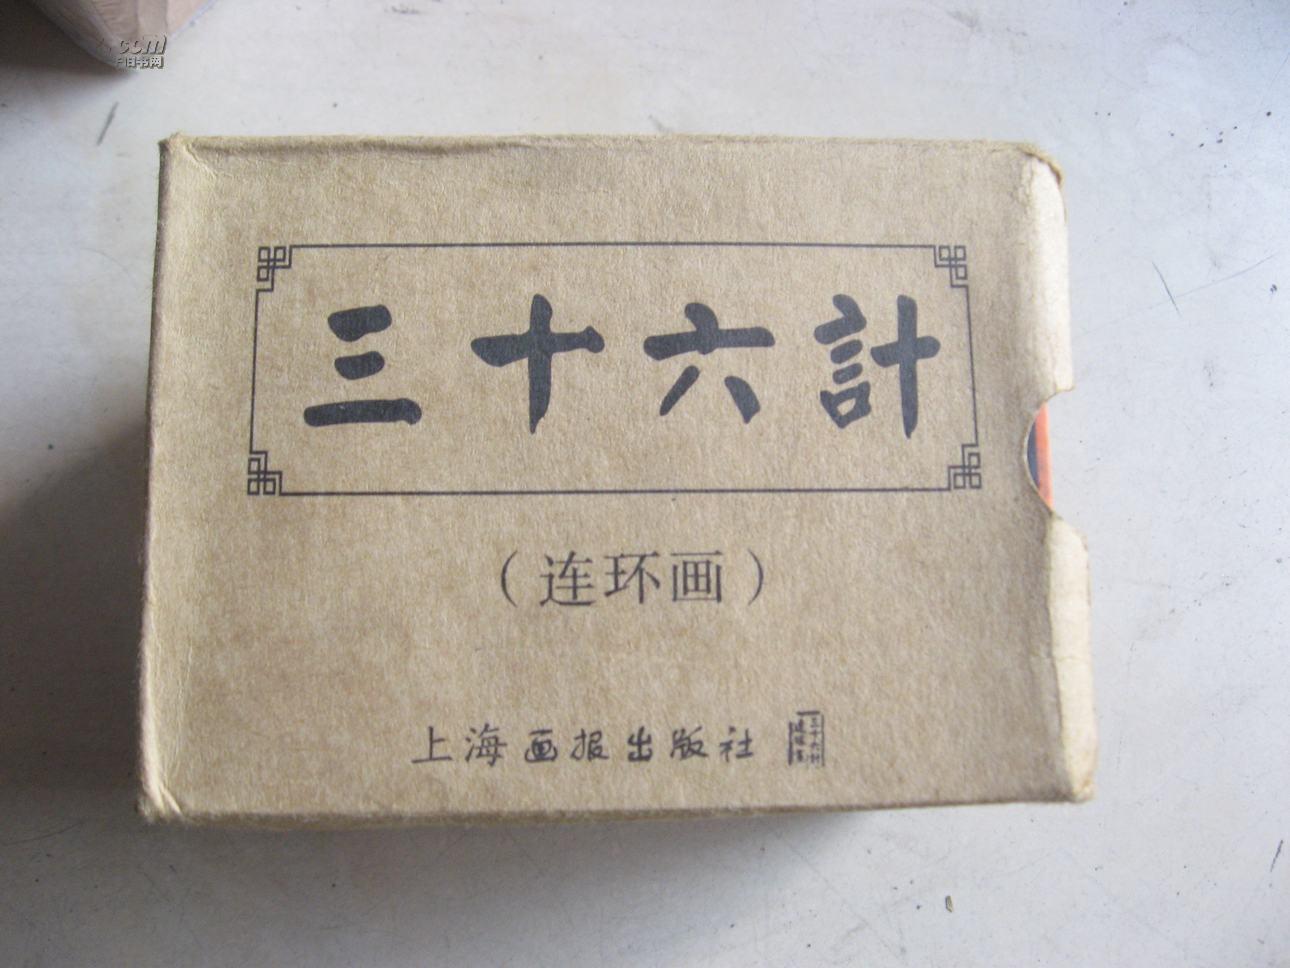 连环画 三十六计 全8册 全品未开封 上海画报出版社 欢迎议价!!!